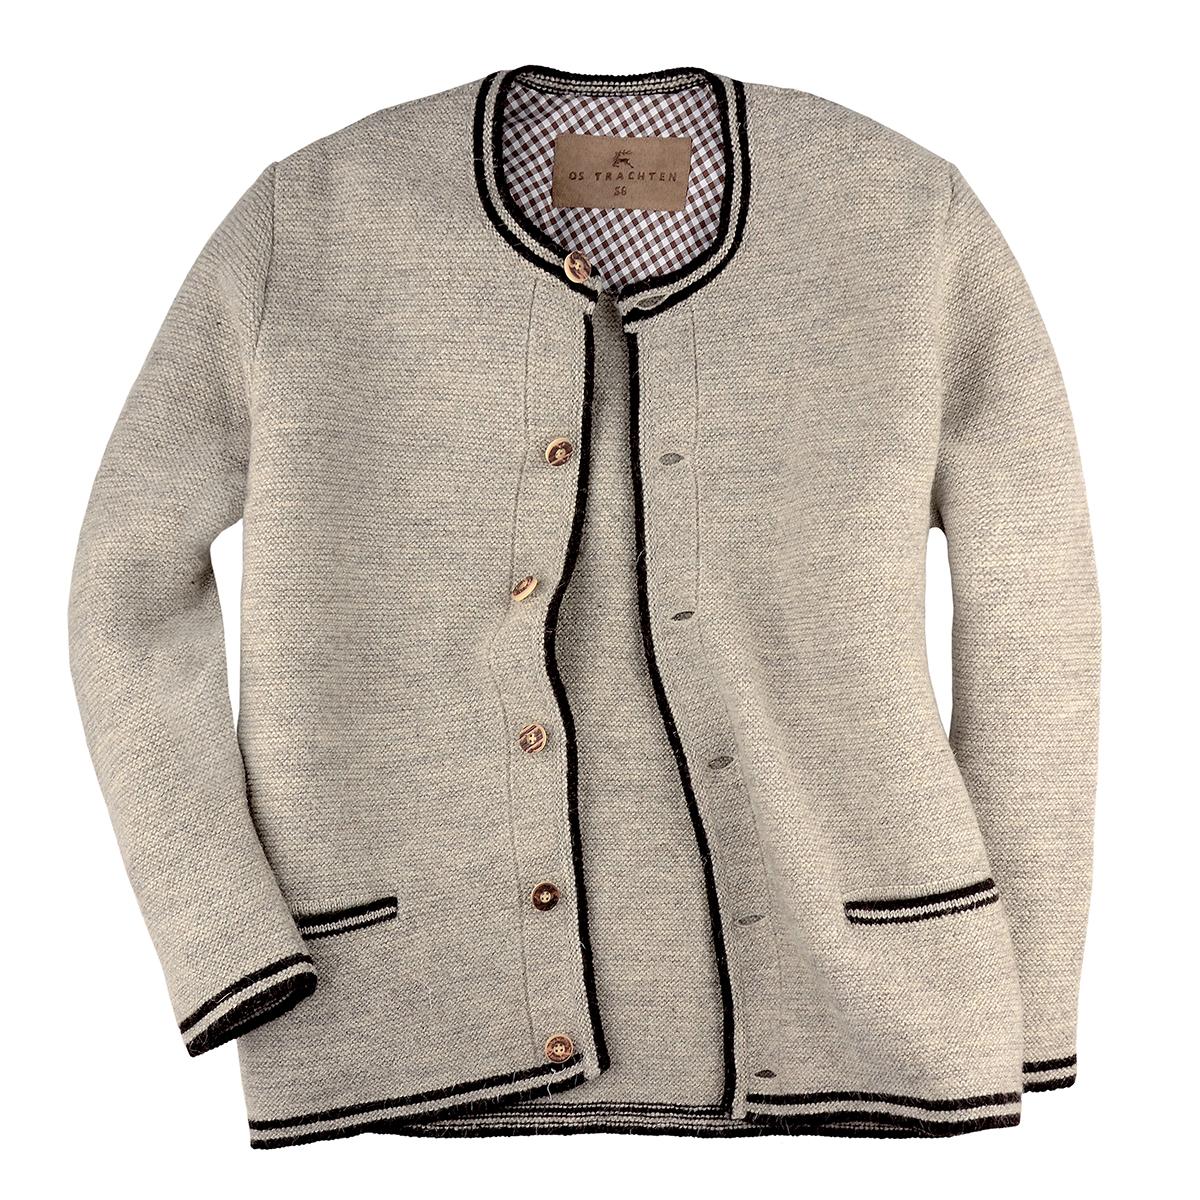 Orbis Textilien Trachtenjacke Trachtenjanker aus Baumwolle Olivbraun